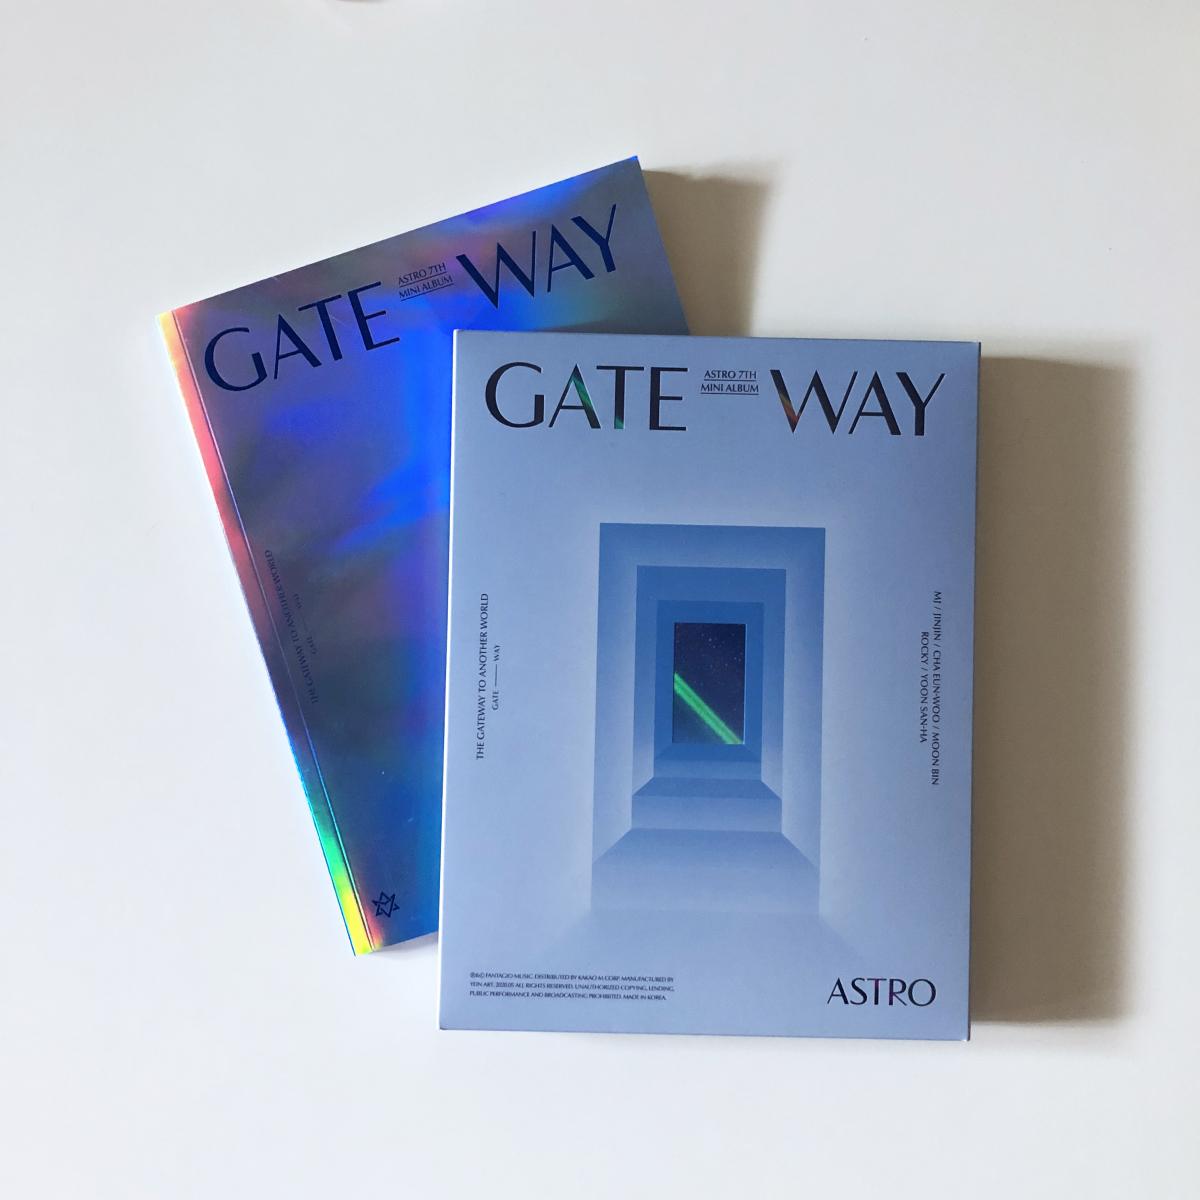 ミニアルバム『GATEWAY』も発売中です!